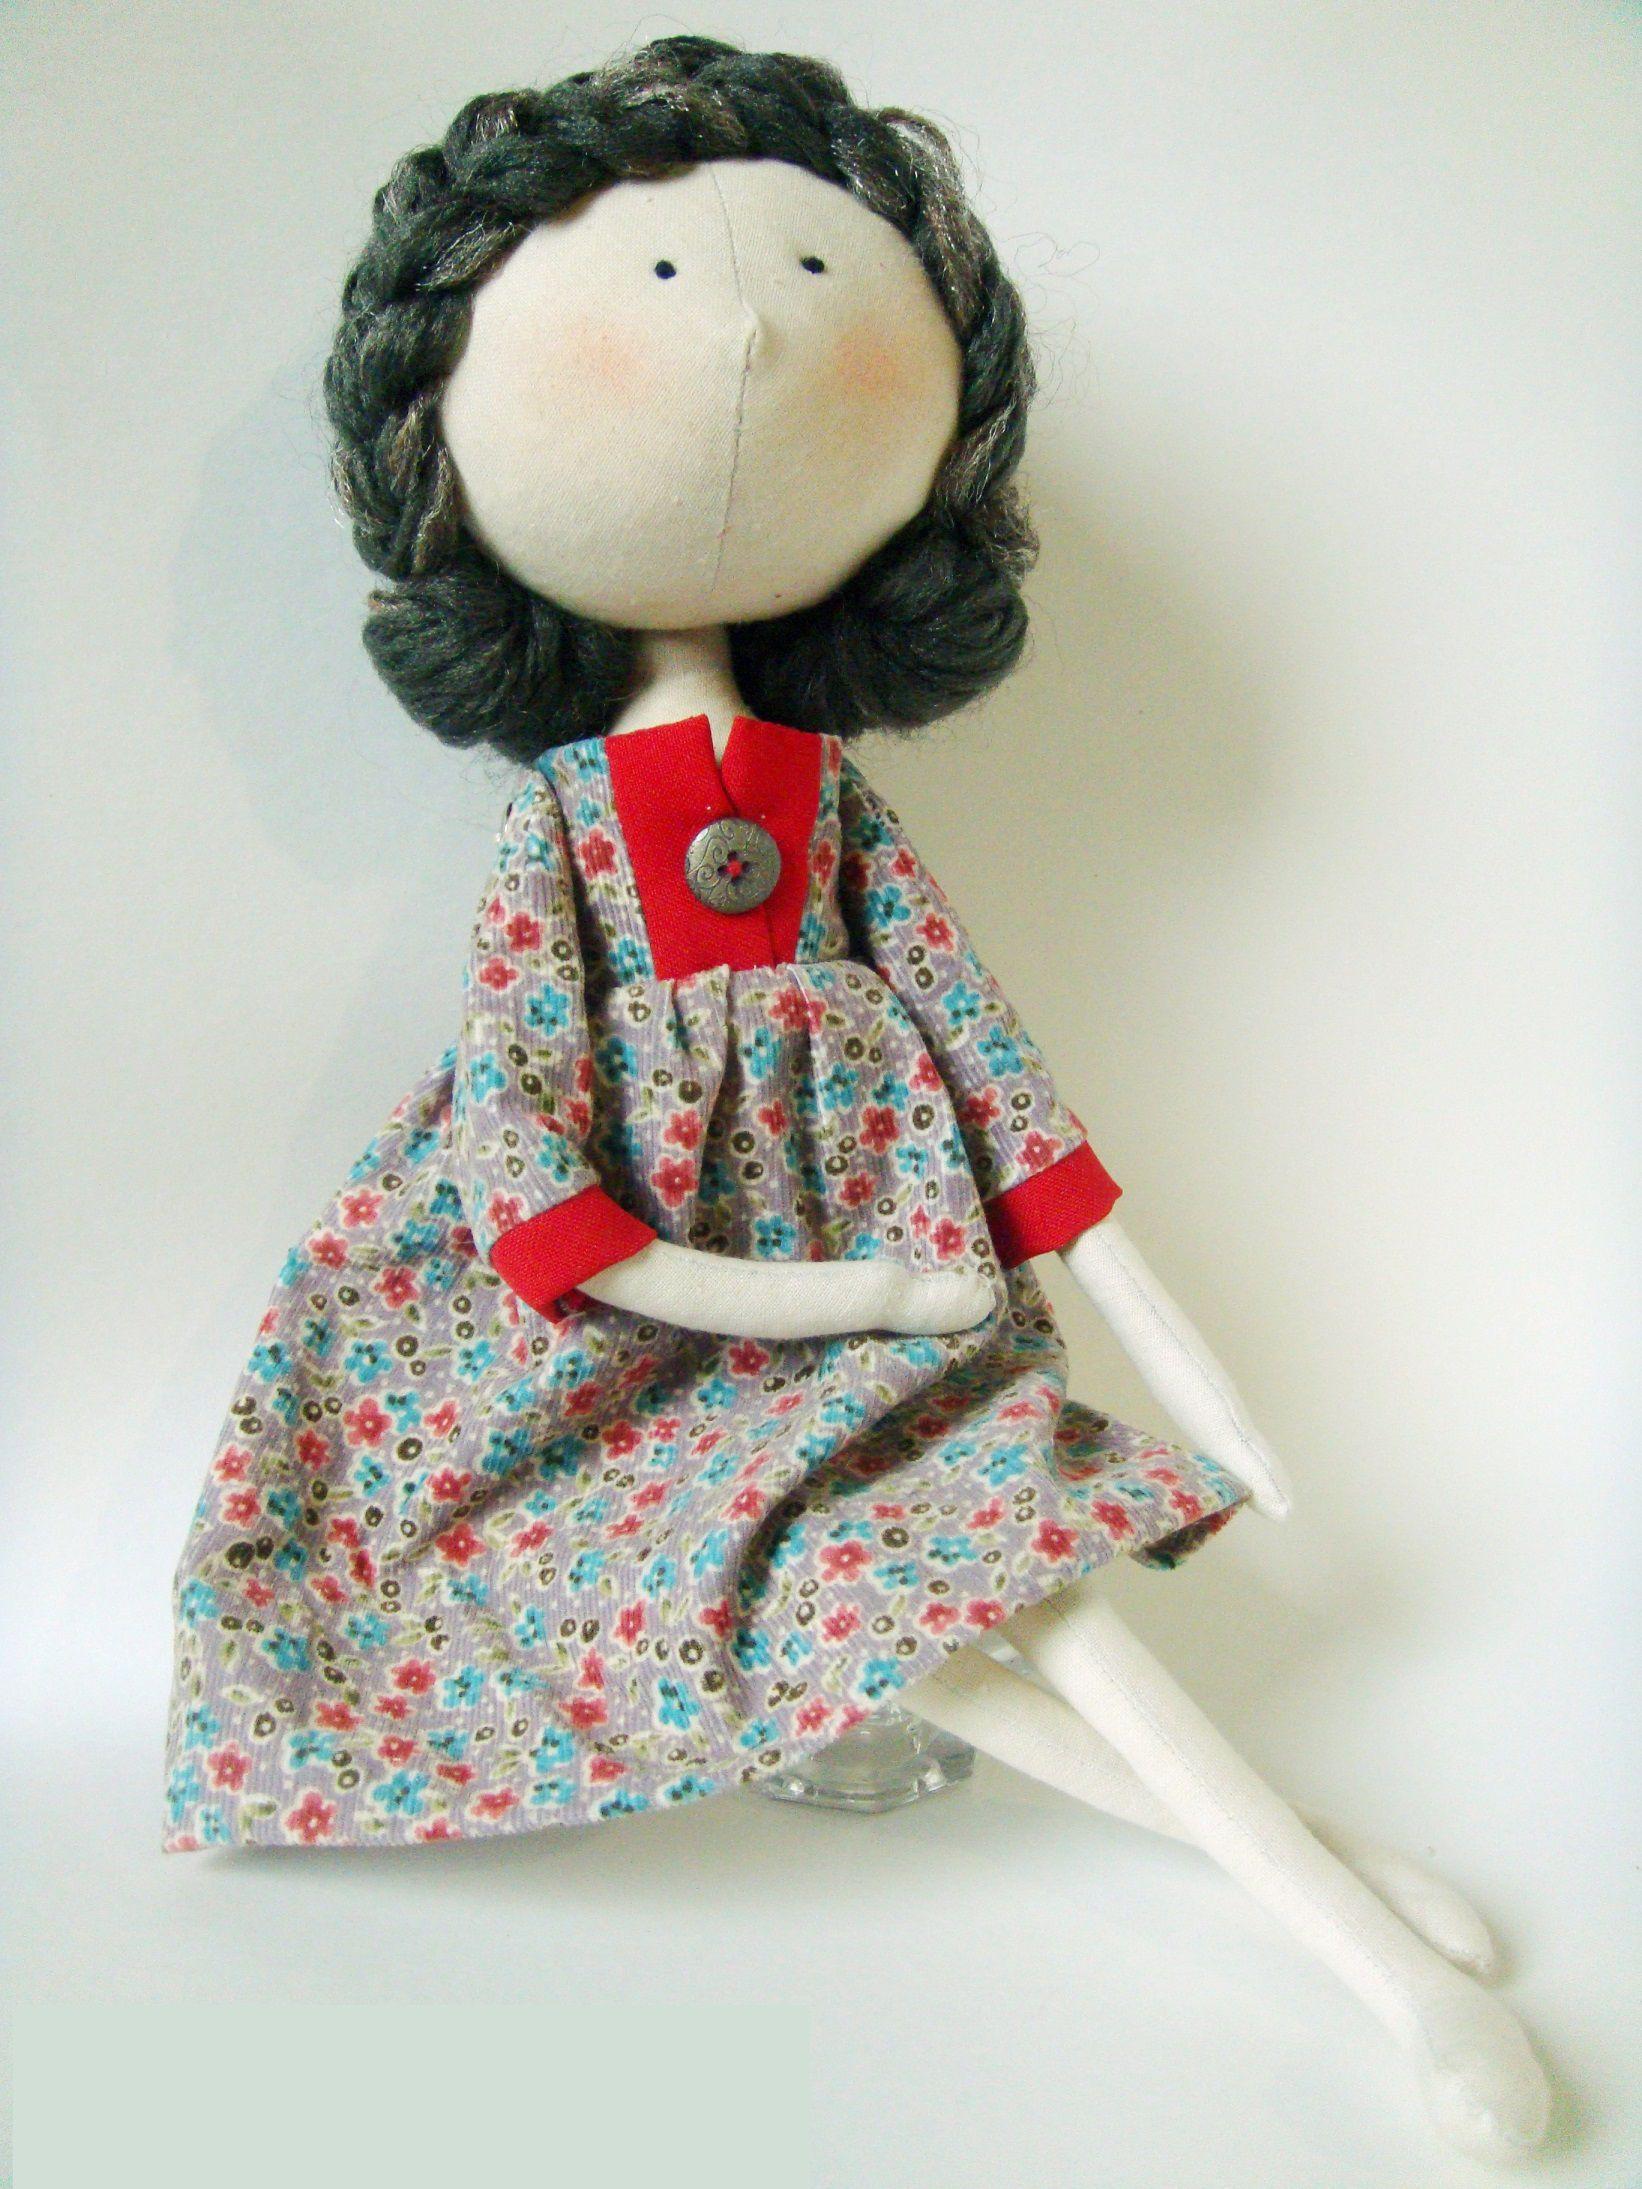 именины день рождения свадьбу подарок кукла купить на handmade текстильные авторские куклу тыквоголовка девушке куклы девочке